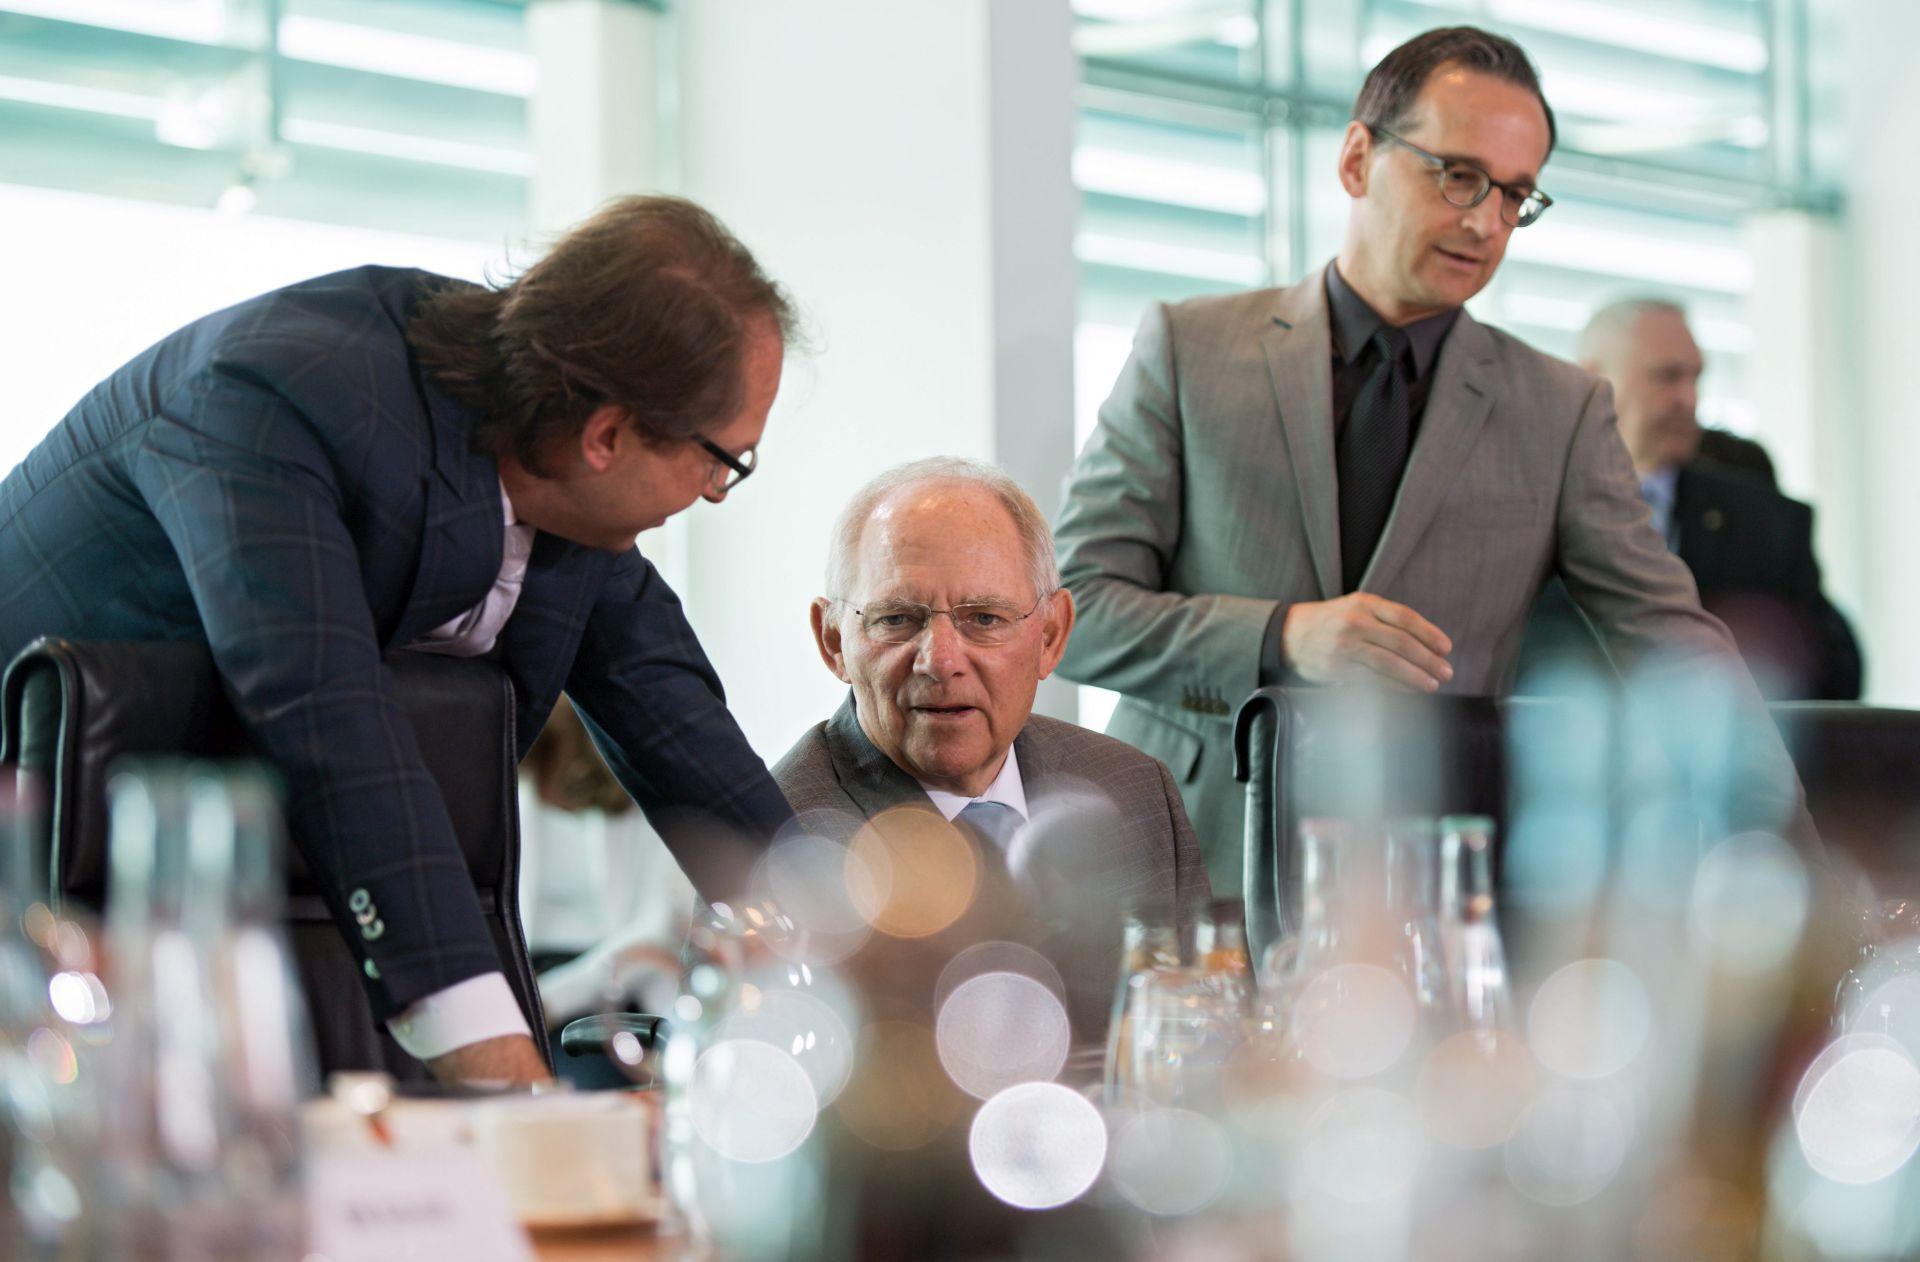 PRIJETNJE SMRĆU: U poštanskom sandučiću njemačkog ministra pronađene čahure od metaka